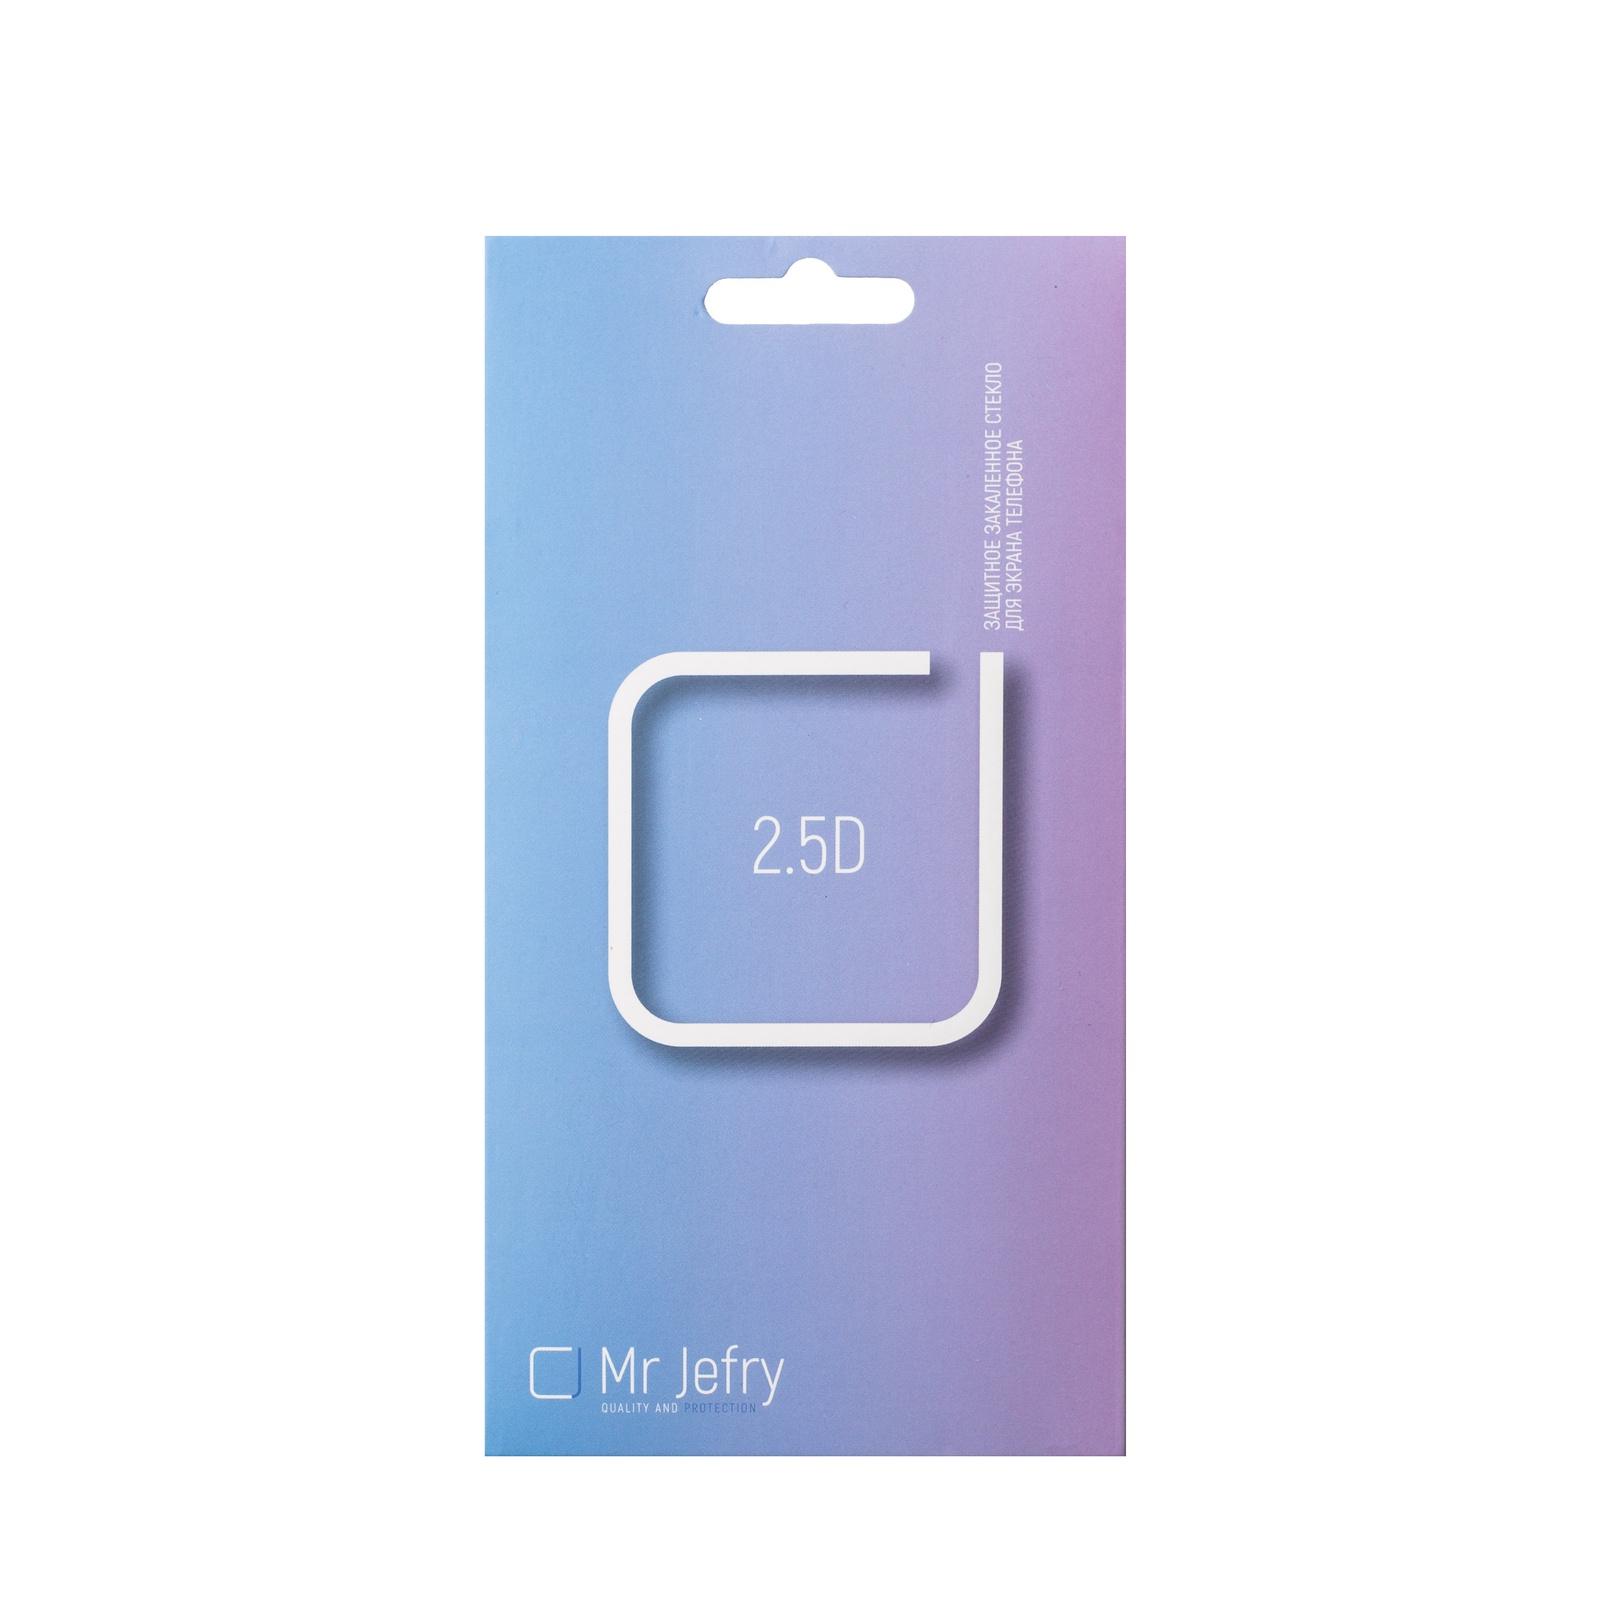 Mr Jefry стекло защитное (многослойное) 2,5D для Samsung G53OH